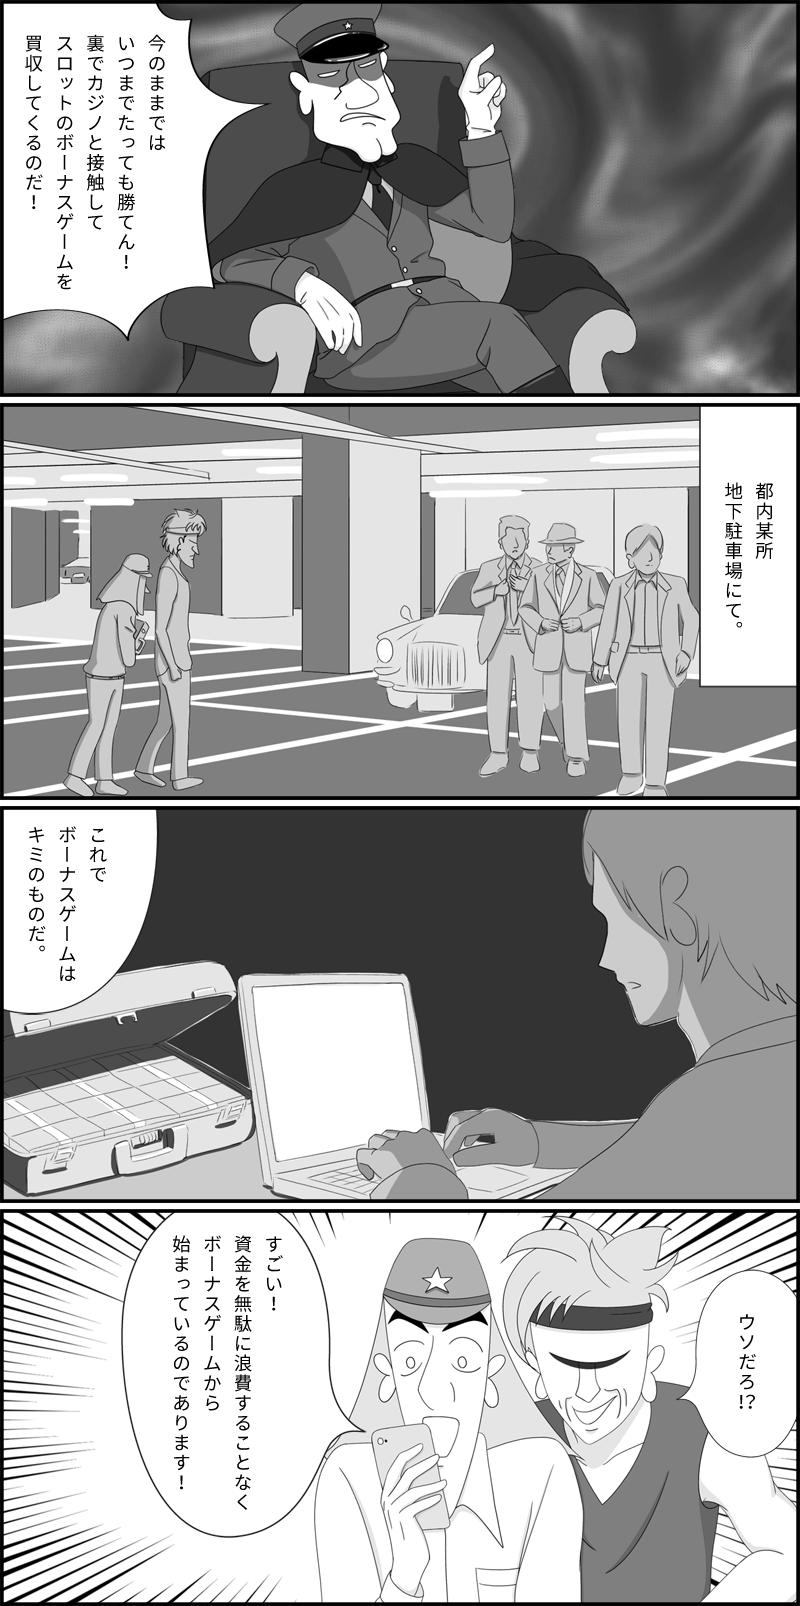 ボーナスゲームの購入を命じられた二等兵のマンガ